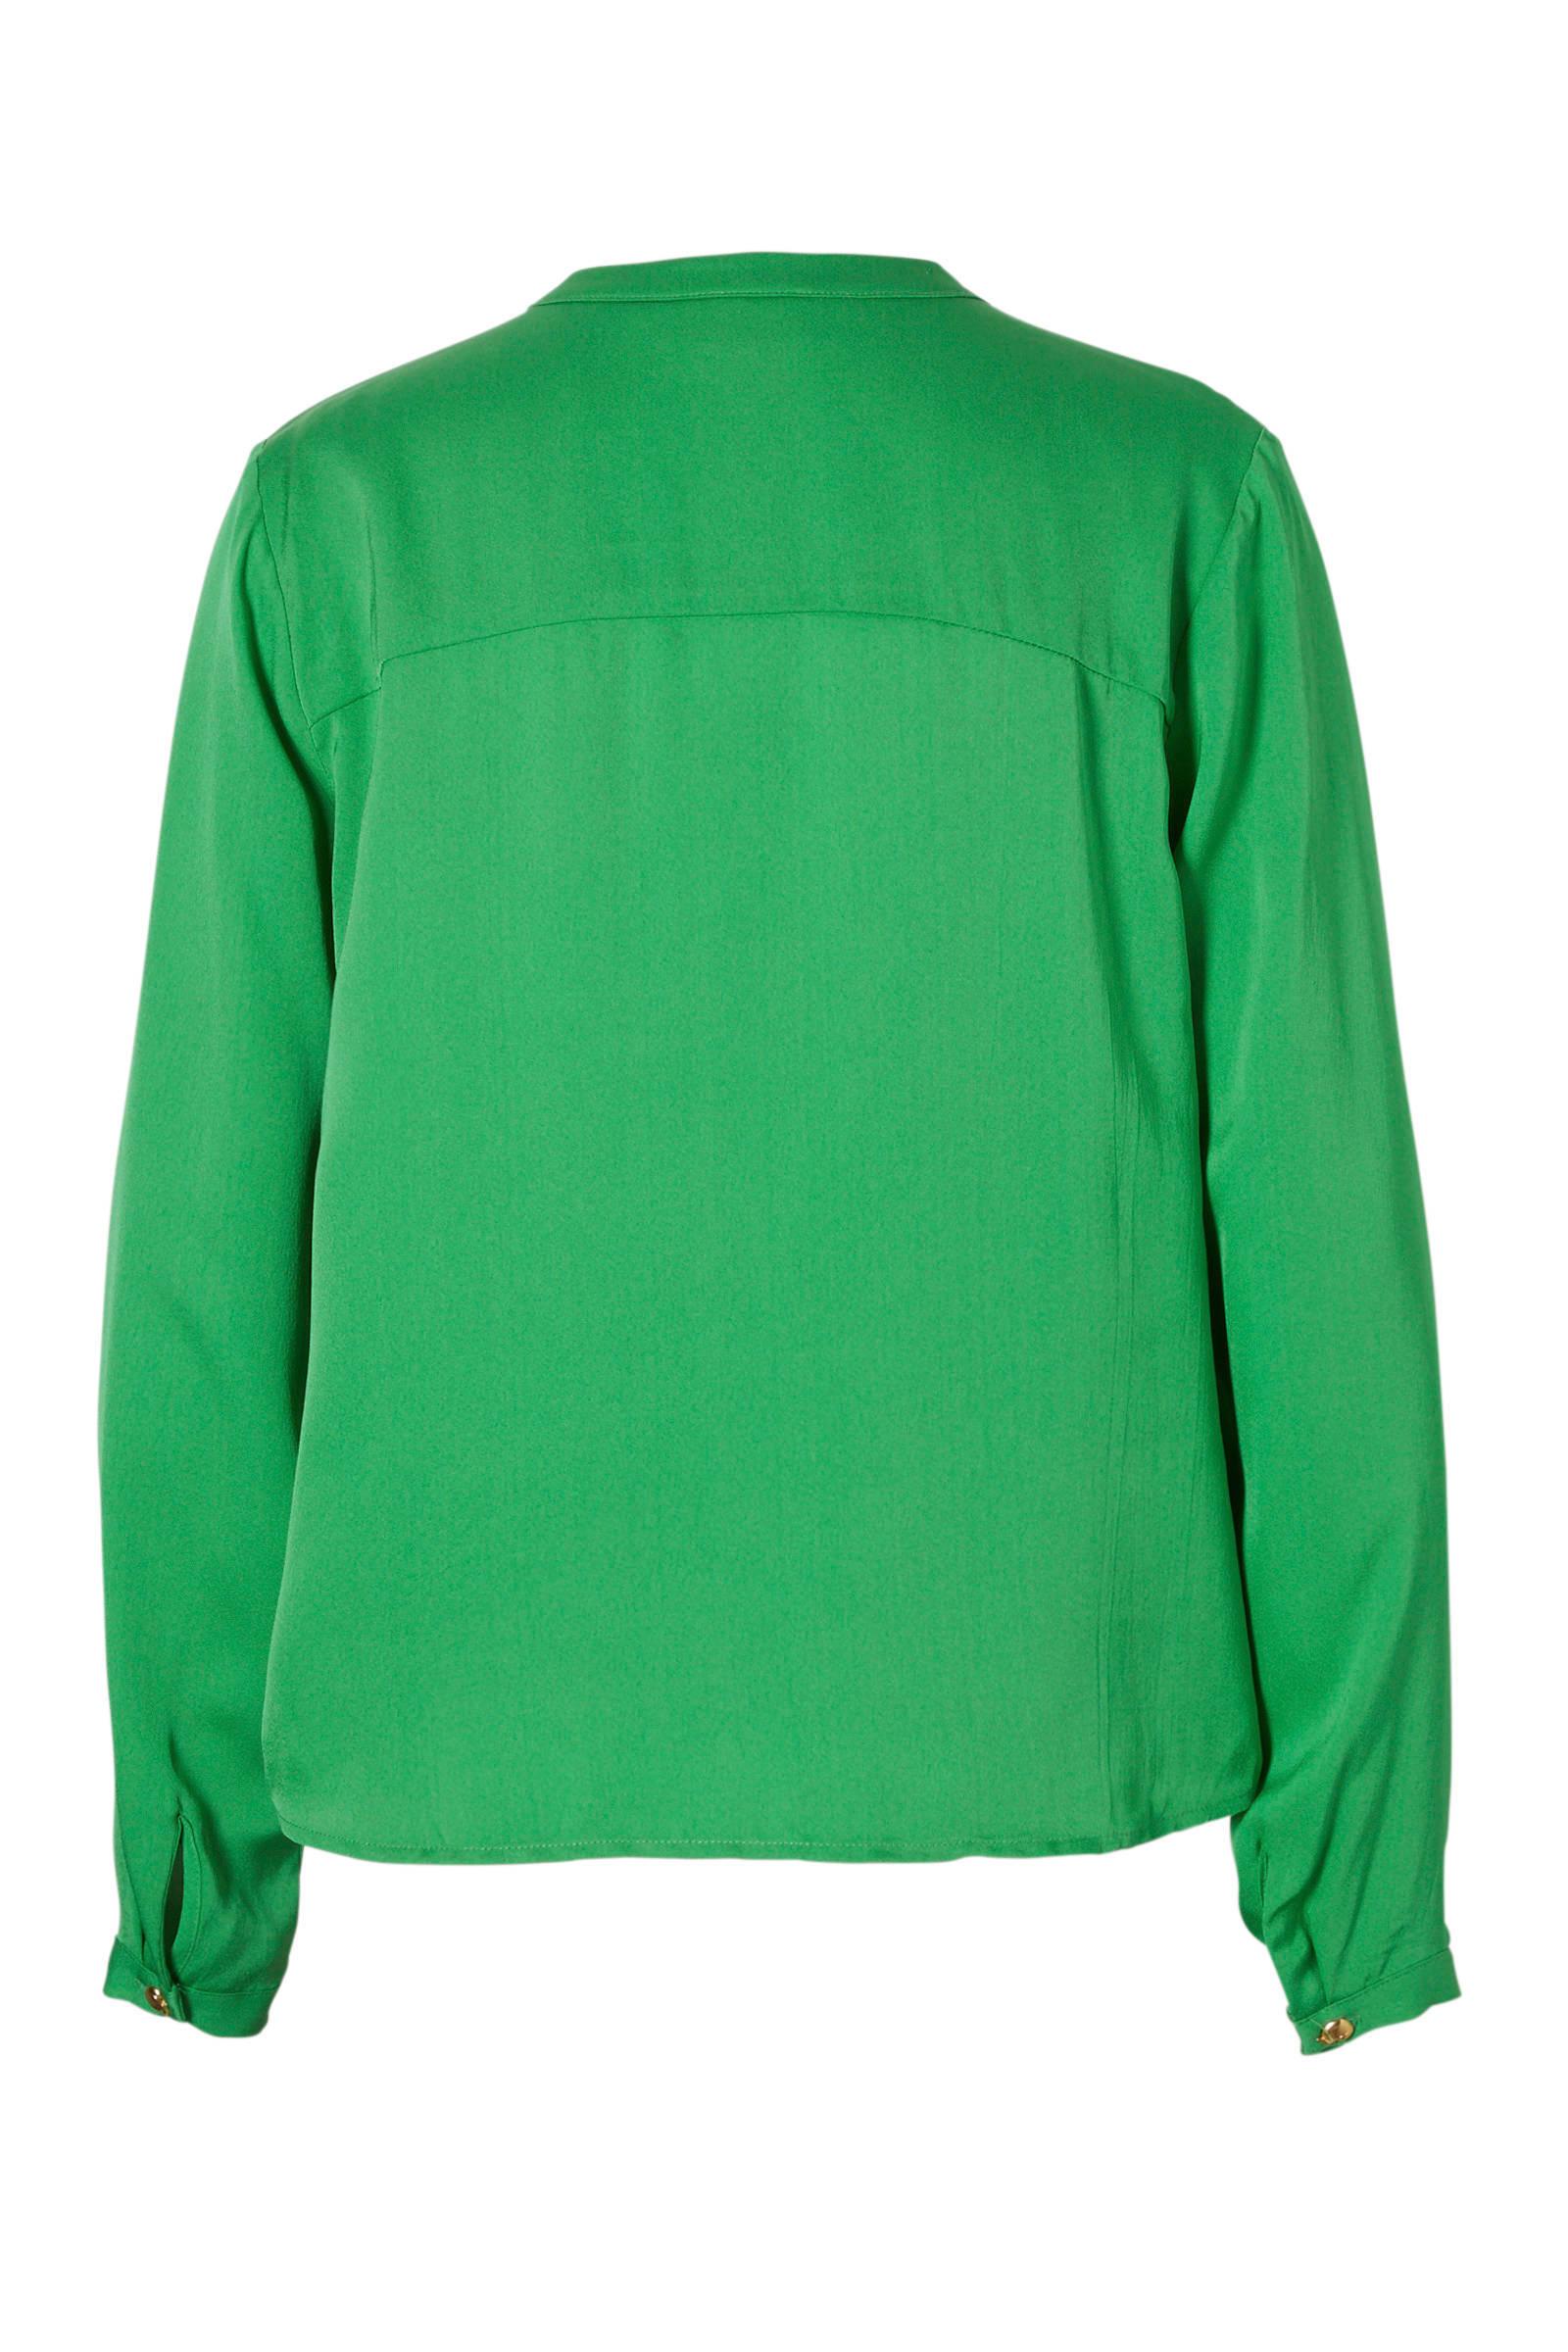 Sunset Chapot Fabienne Fabienne blouse blouse Chapot Fabienne Sunset Sunset Chapot Fabienne blouse Chapot 4OnawqP1